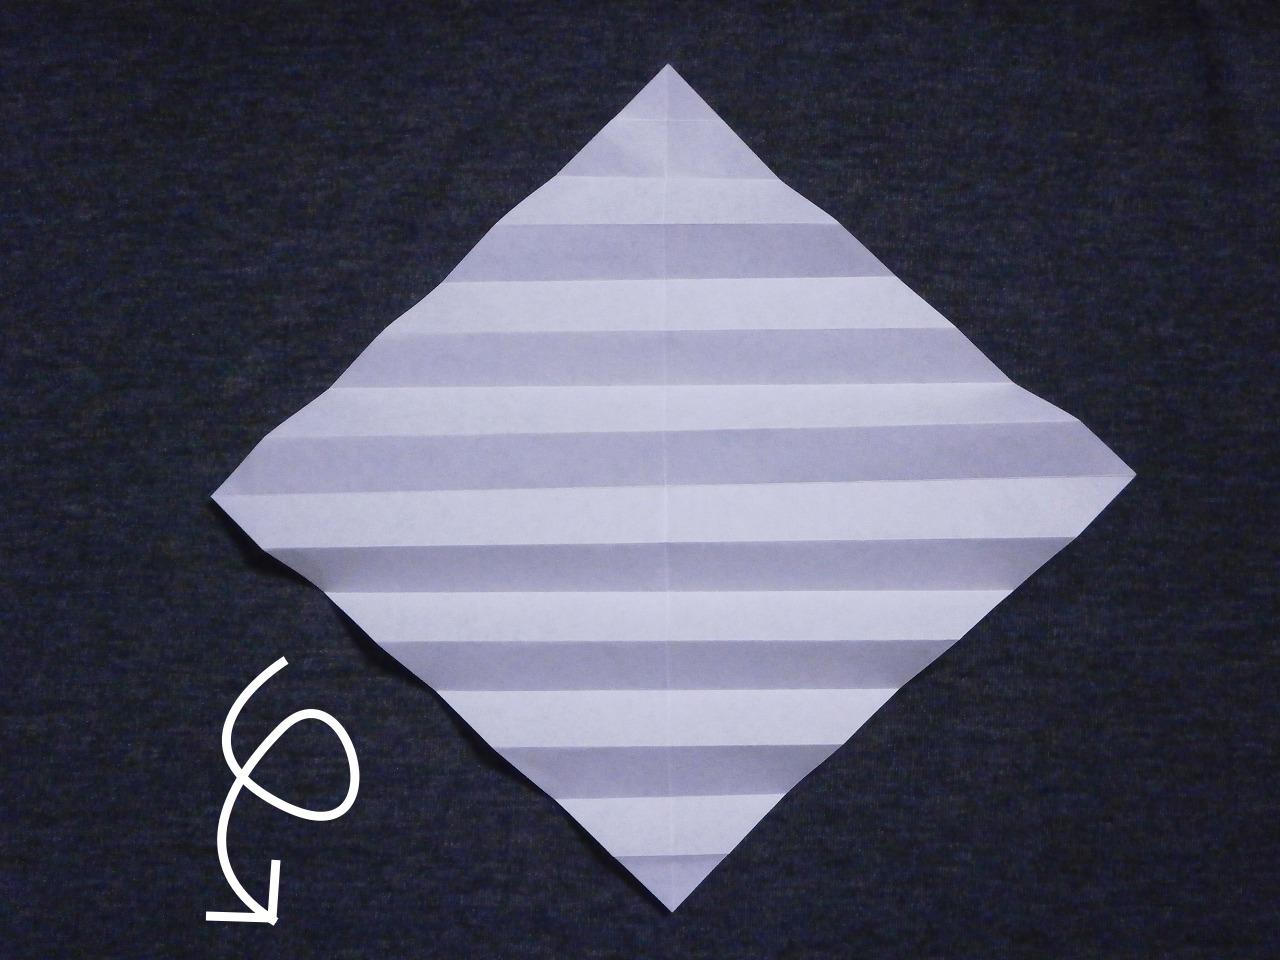 KATAKOTO ORIGAMI: How to fold an origami snake - photo#20